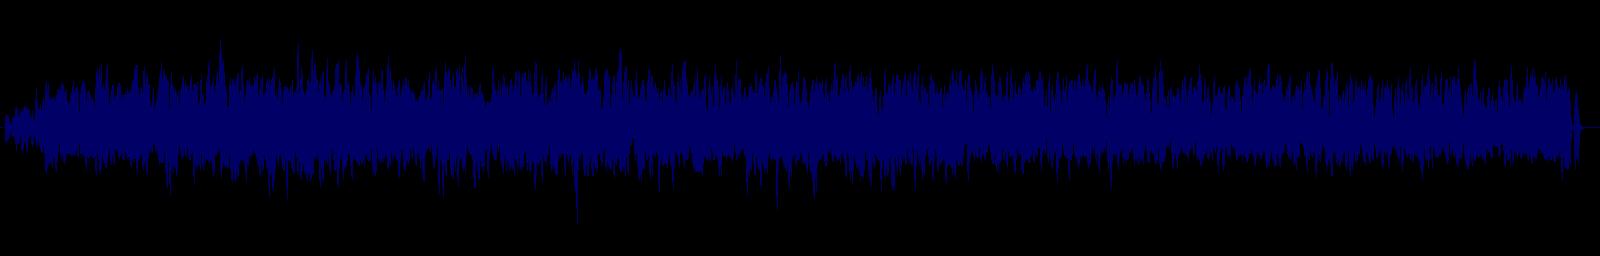 waveform of track #121308